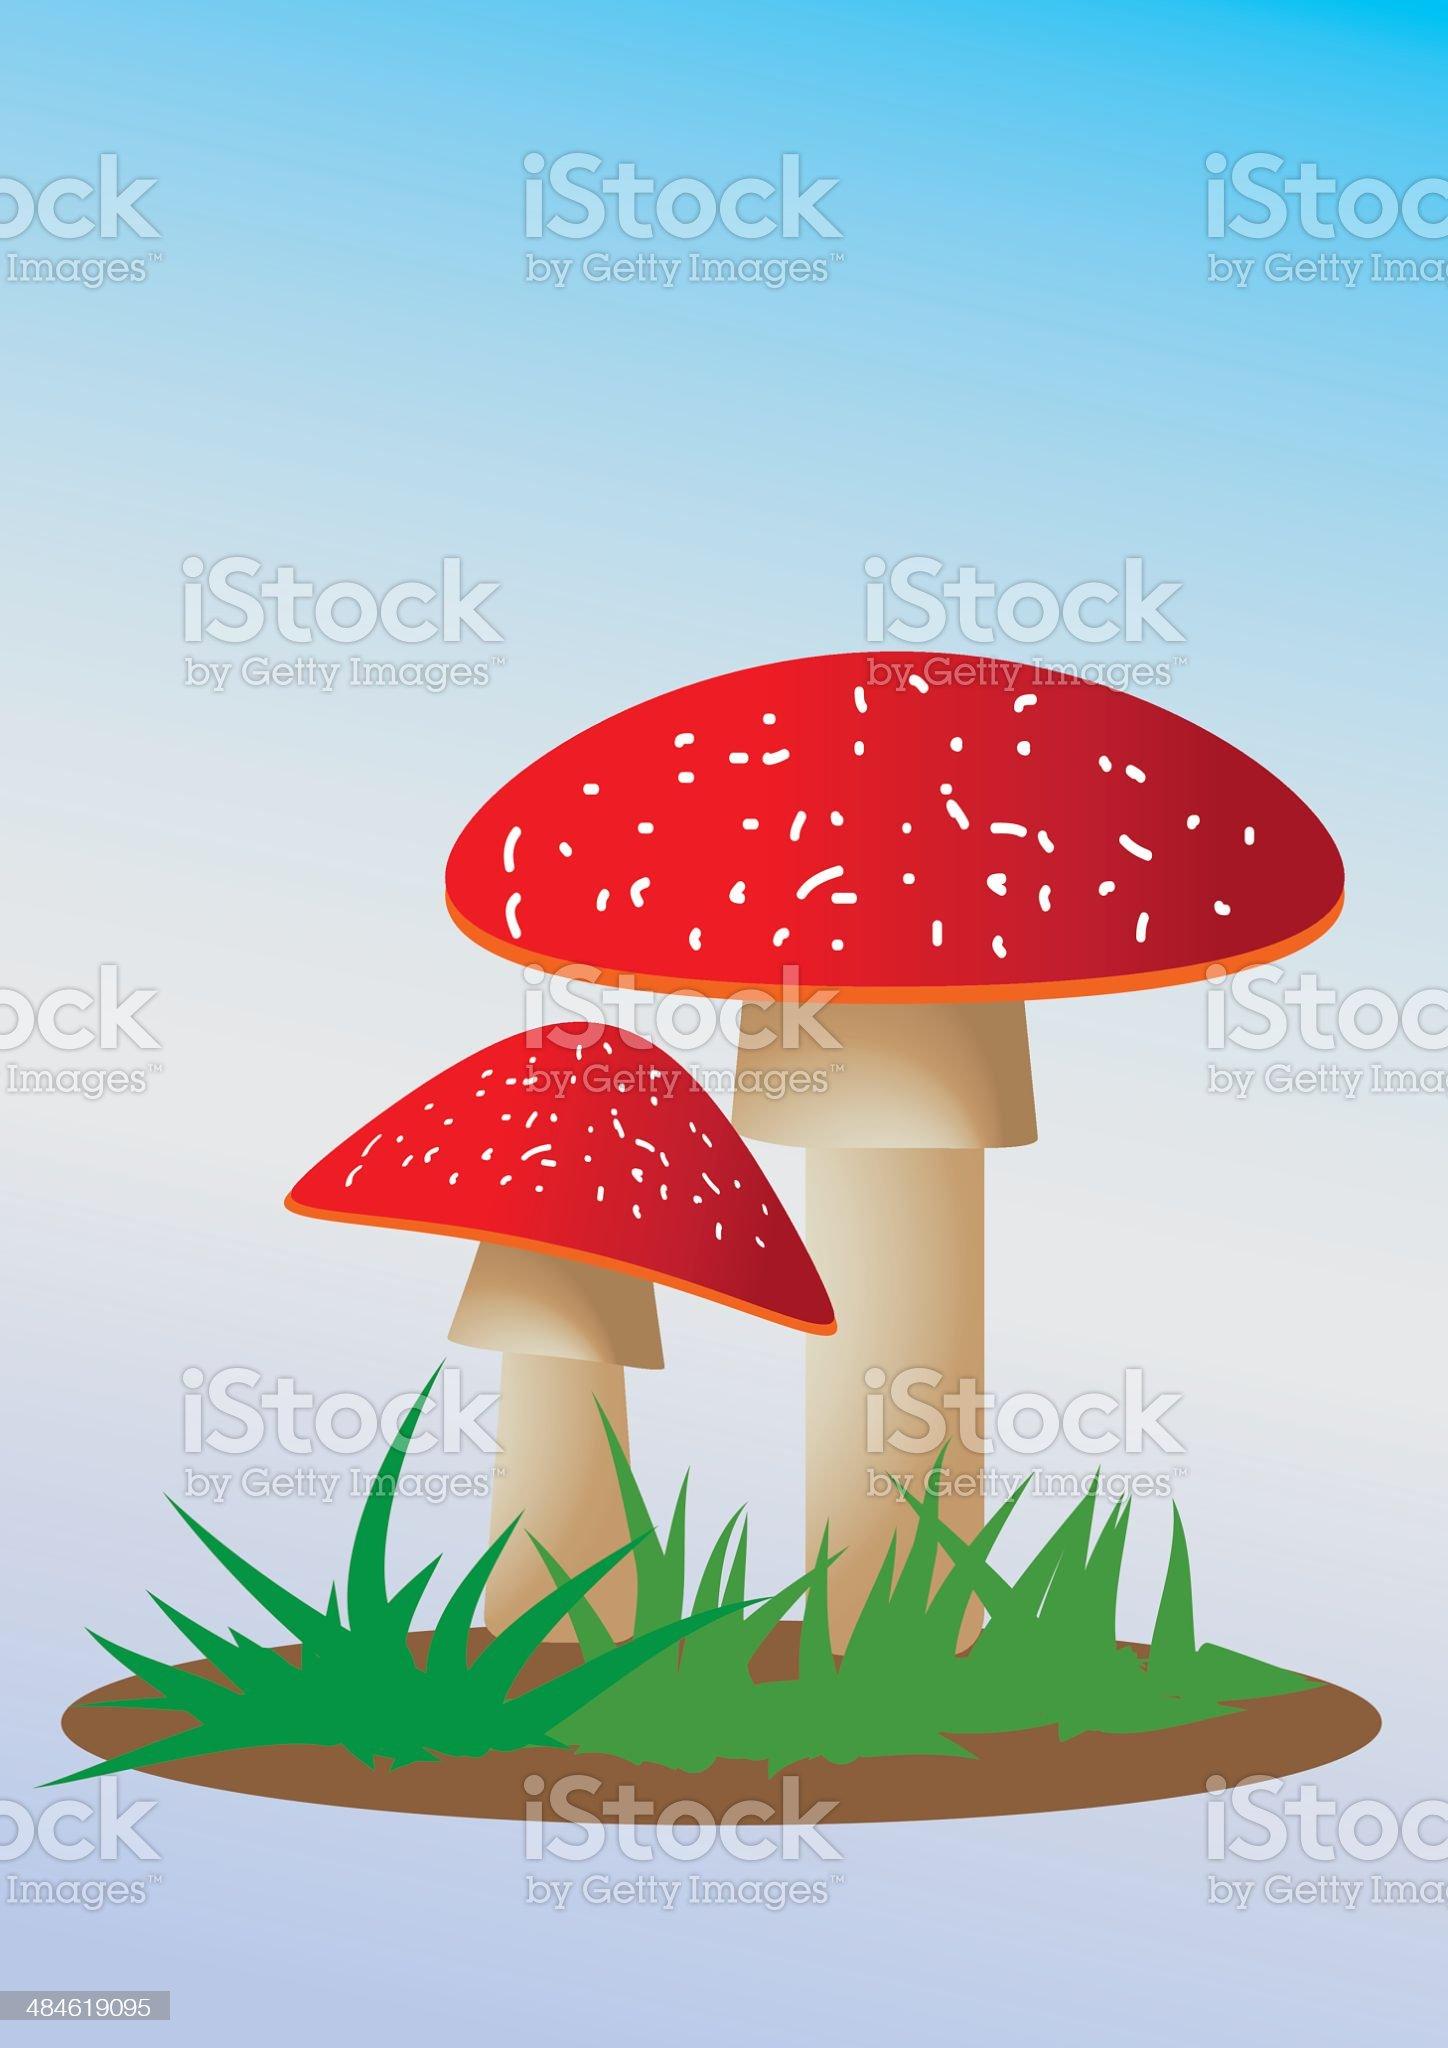 Illustration of Mushroom. royalty-free stock vector art